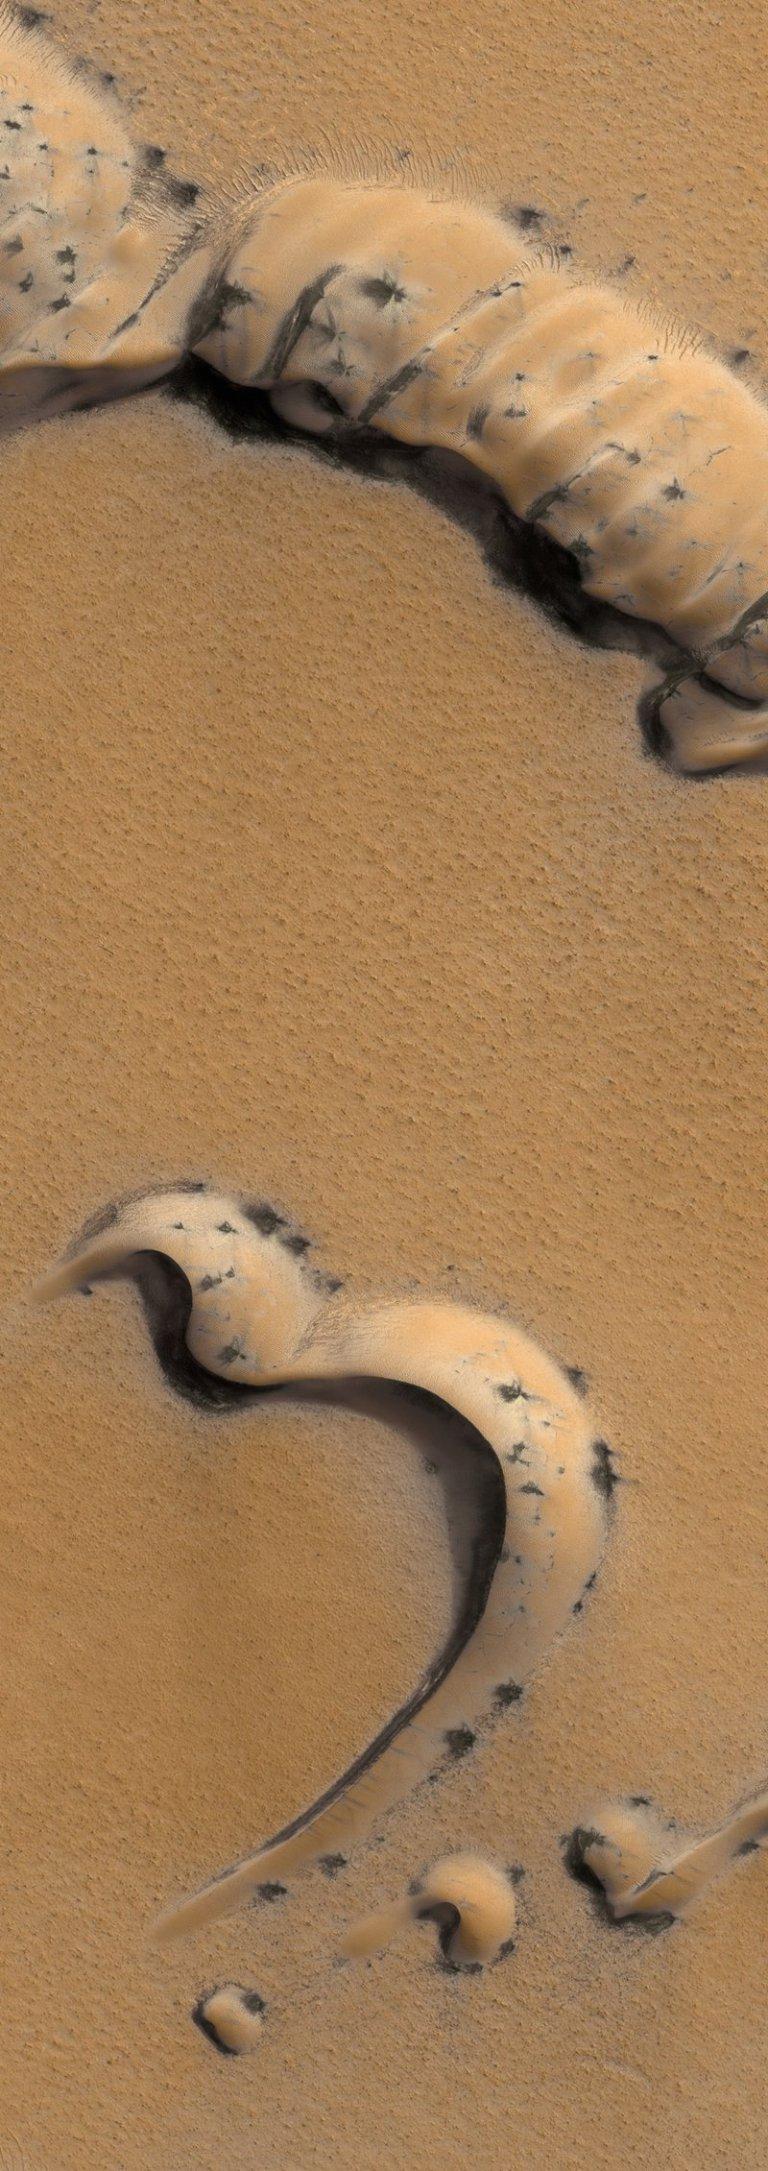 esas-cosas-negras-en-el-suelo-de-marte-son-peligrosas-1 ¿Esas cosas negras en el suelo de Marte son peligrosas?